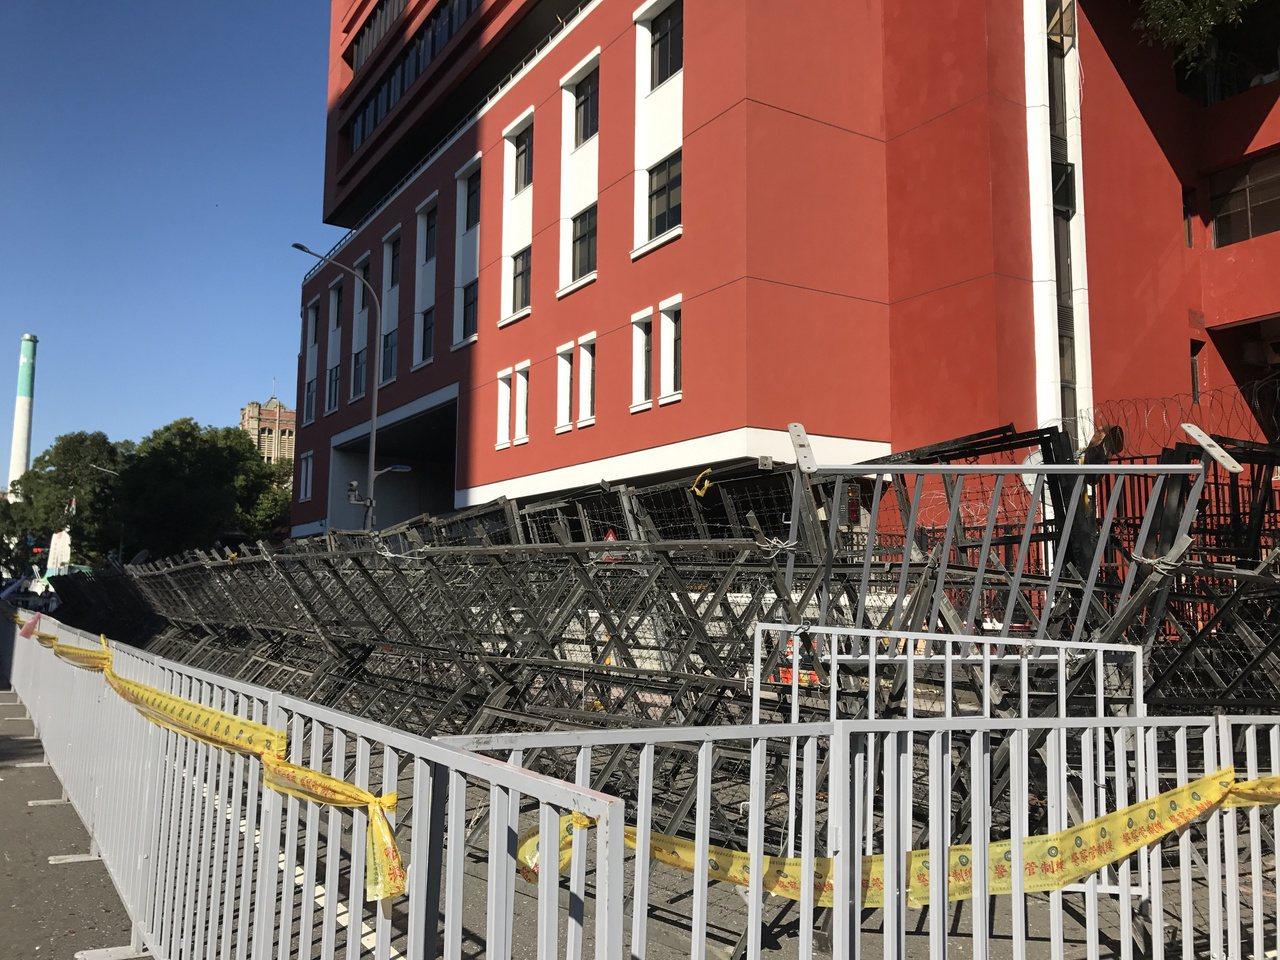 勞基法反修法抗議大遊行今登場,立院外已經架起層層拒馬。記者呂思逸/攝影